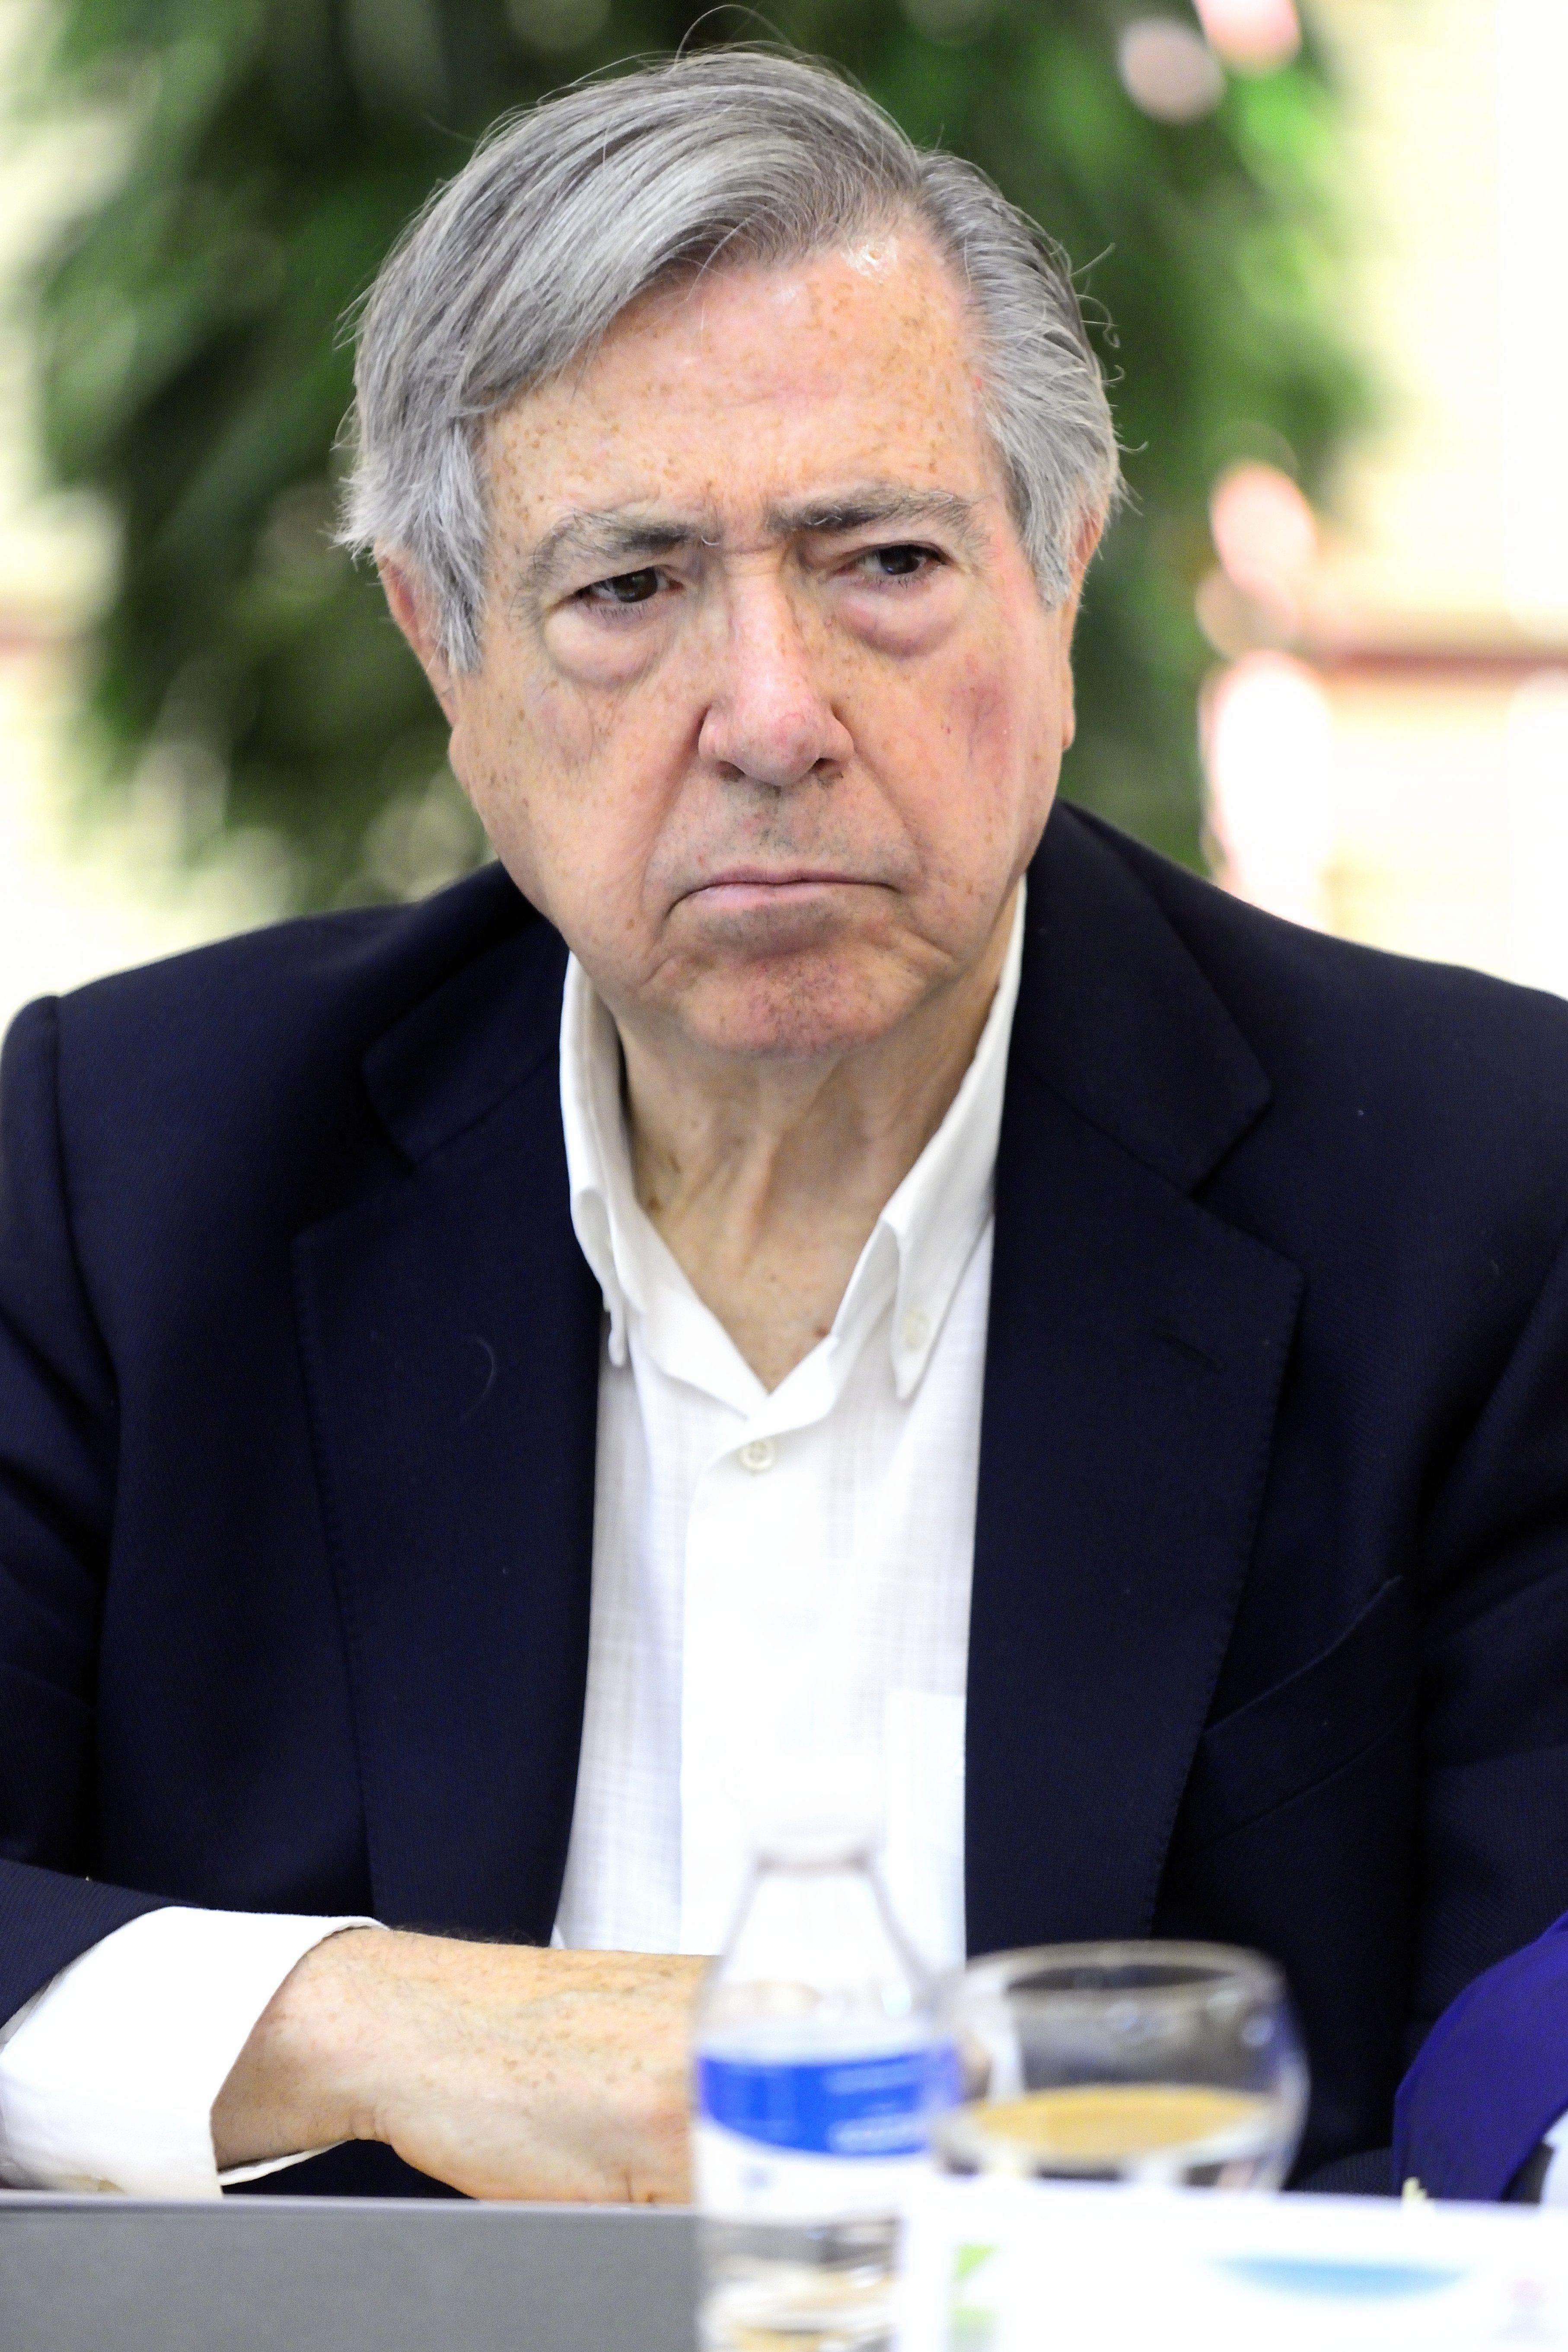 Presidente del Consejo Empresarial de Economía y Financiación Confederación de Empresarios de Andalucía